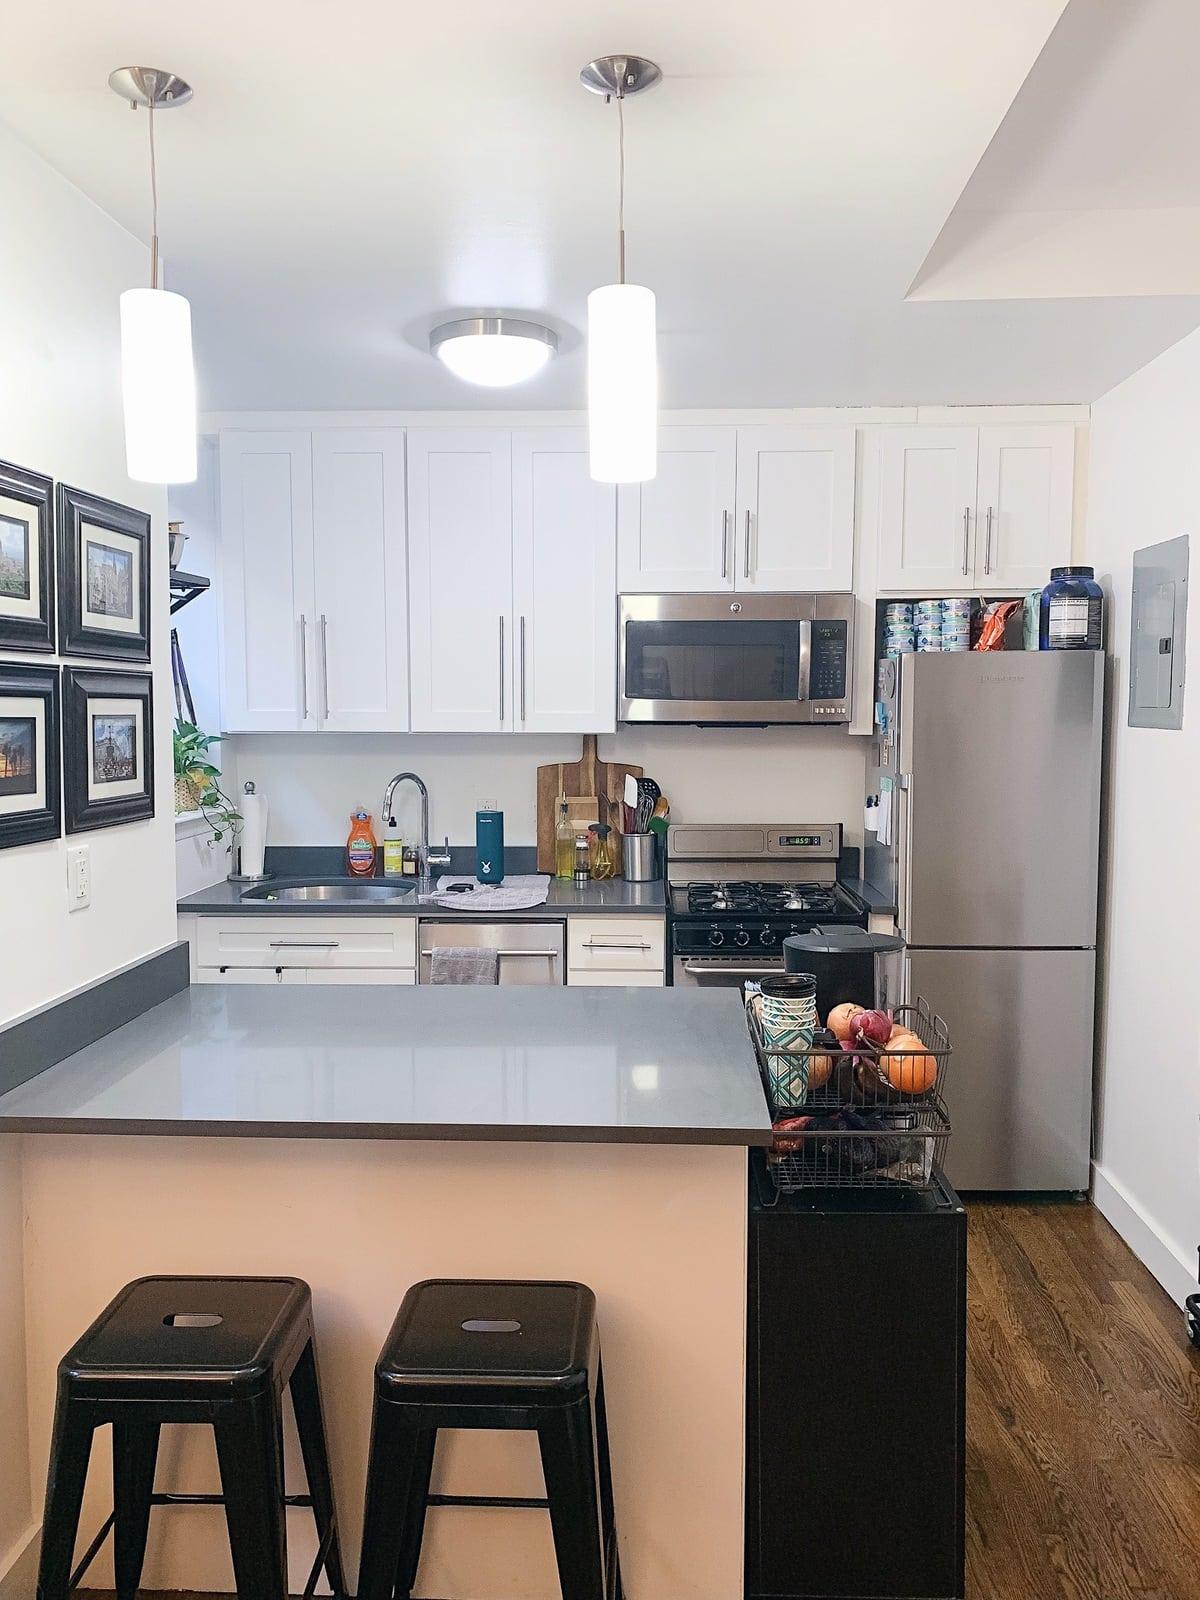 NYC apartment kitchen for apartment tour